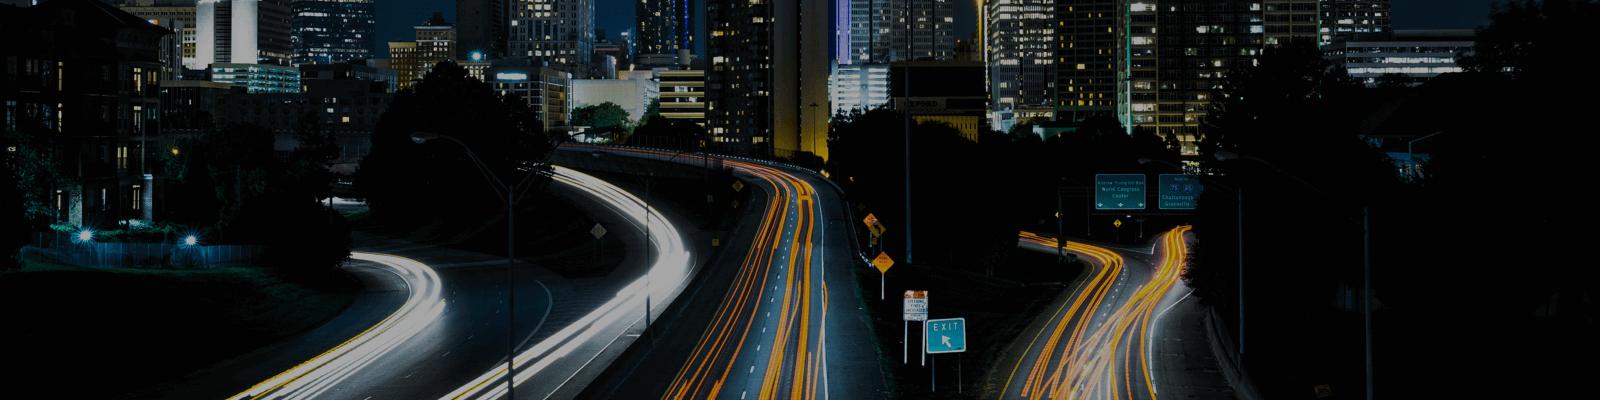 网络货运平台